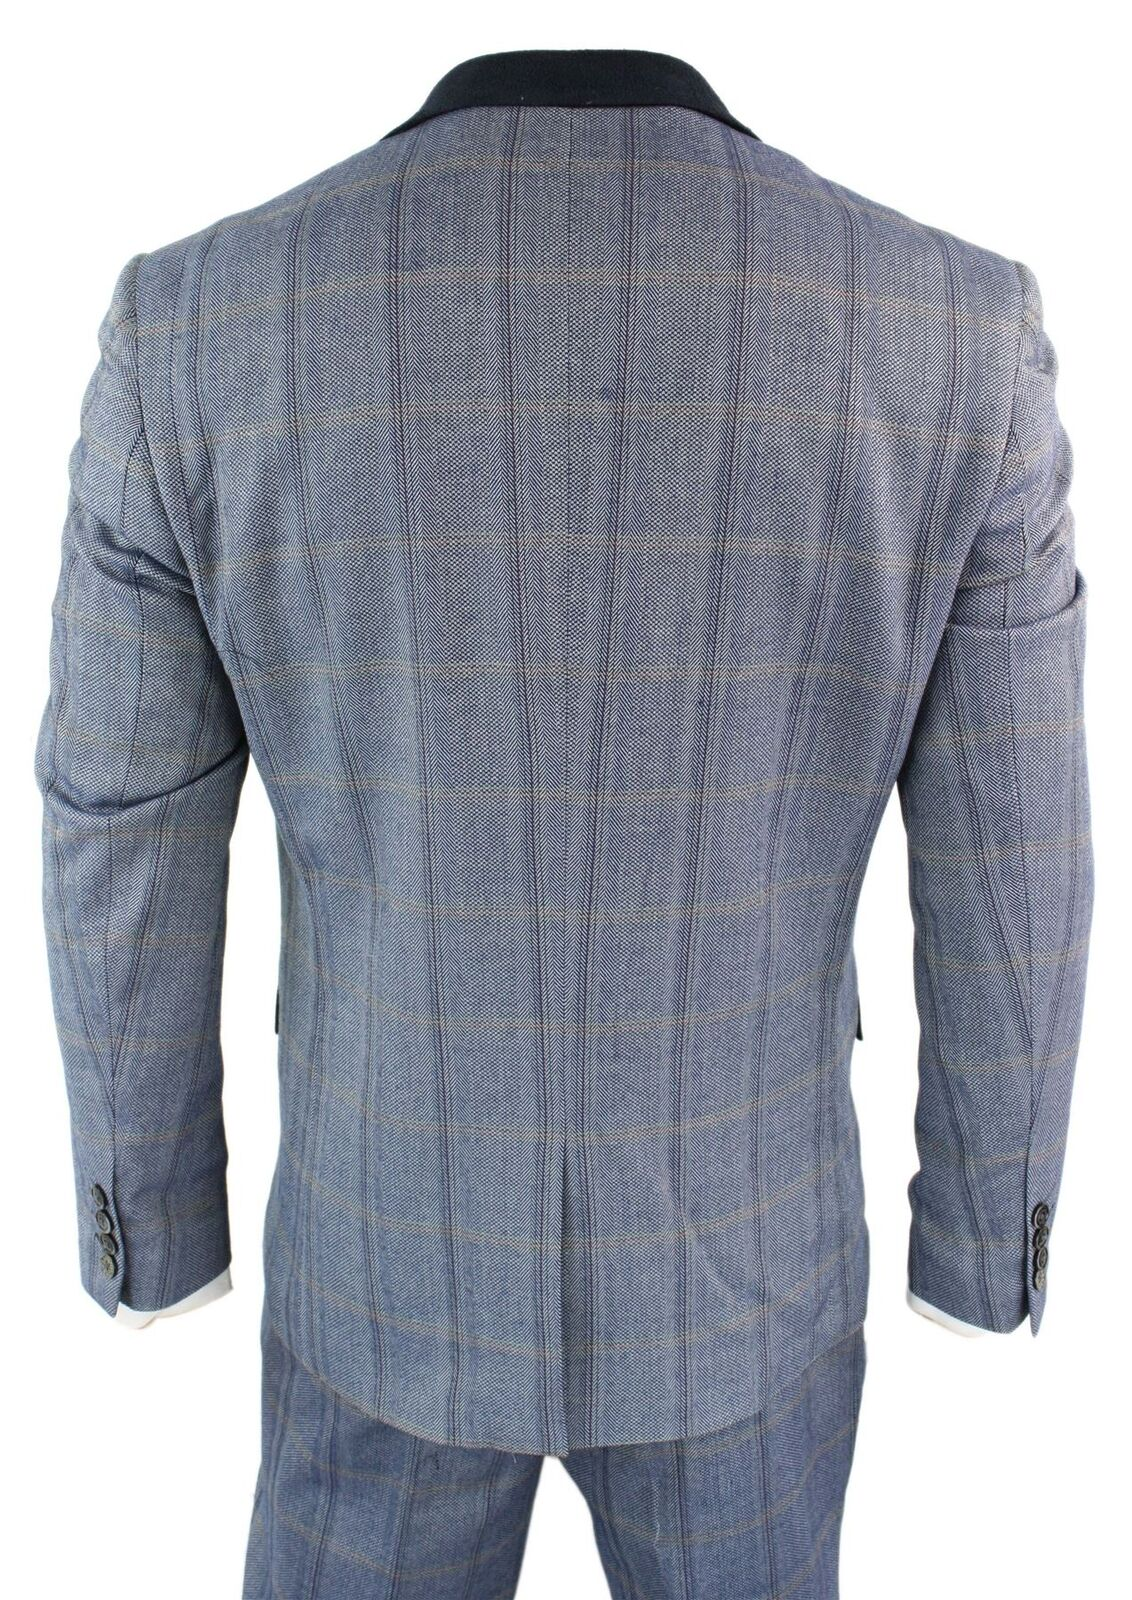 Controllo da Pezzi Uomo Tweed 3 Pezzi da Blu Navy Tuta Vintage con vestibilità su misura Principe Galles d81324